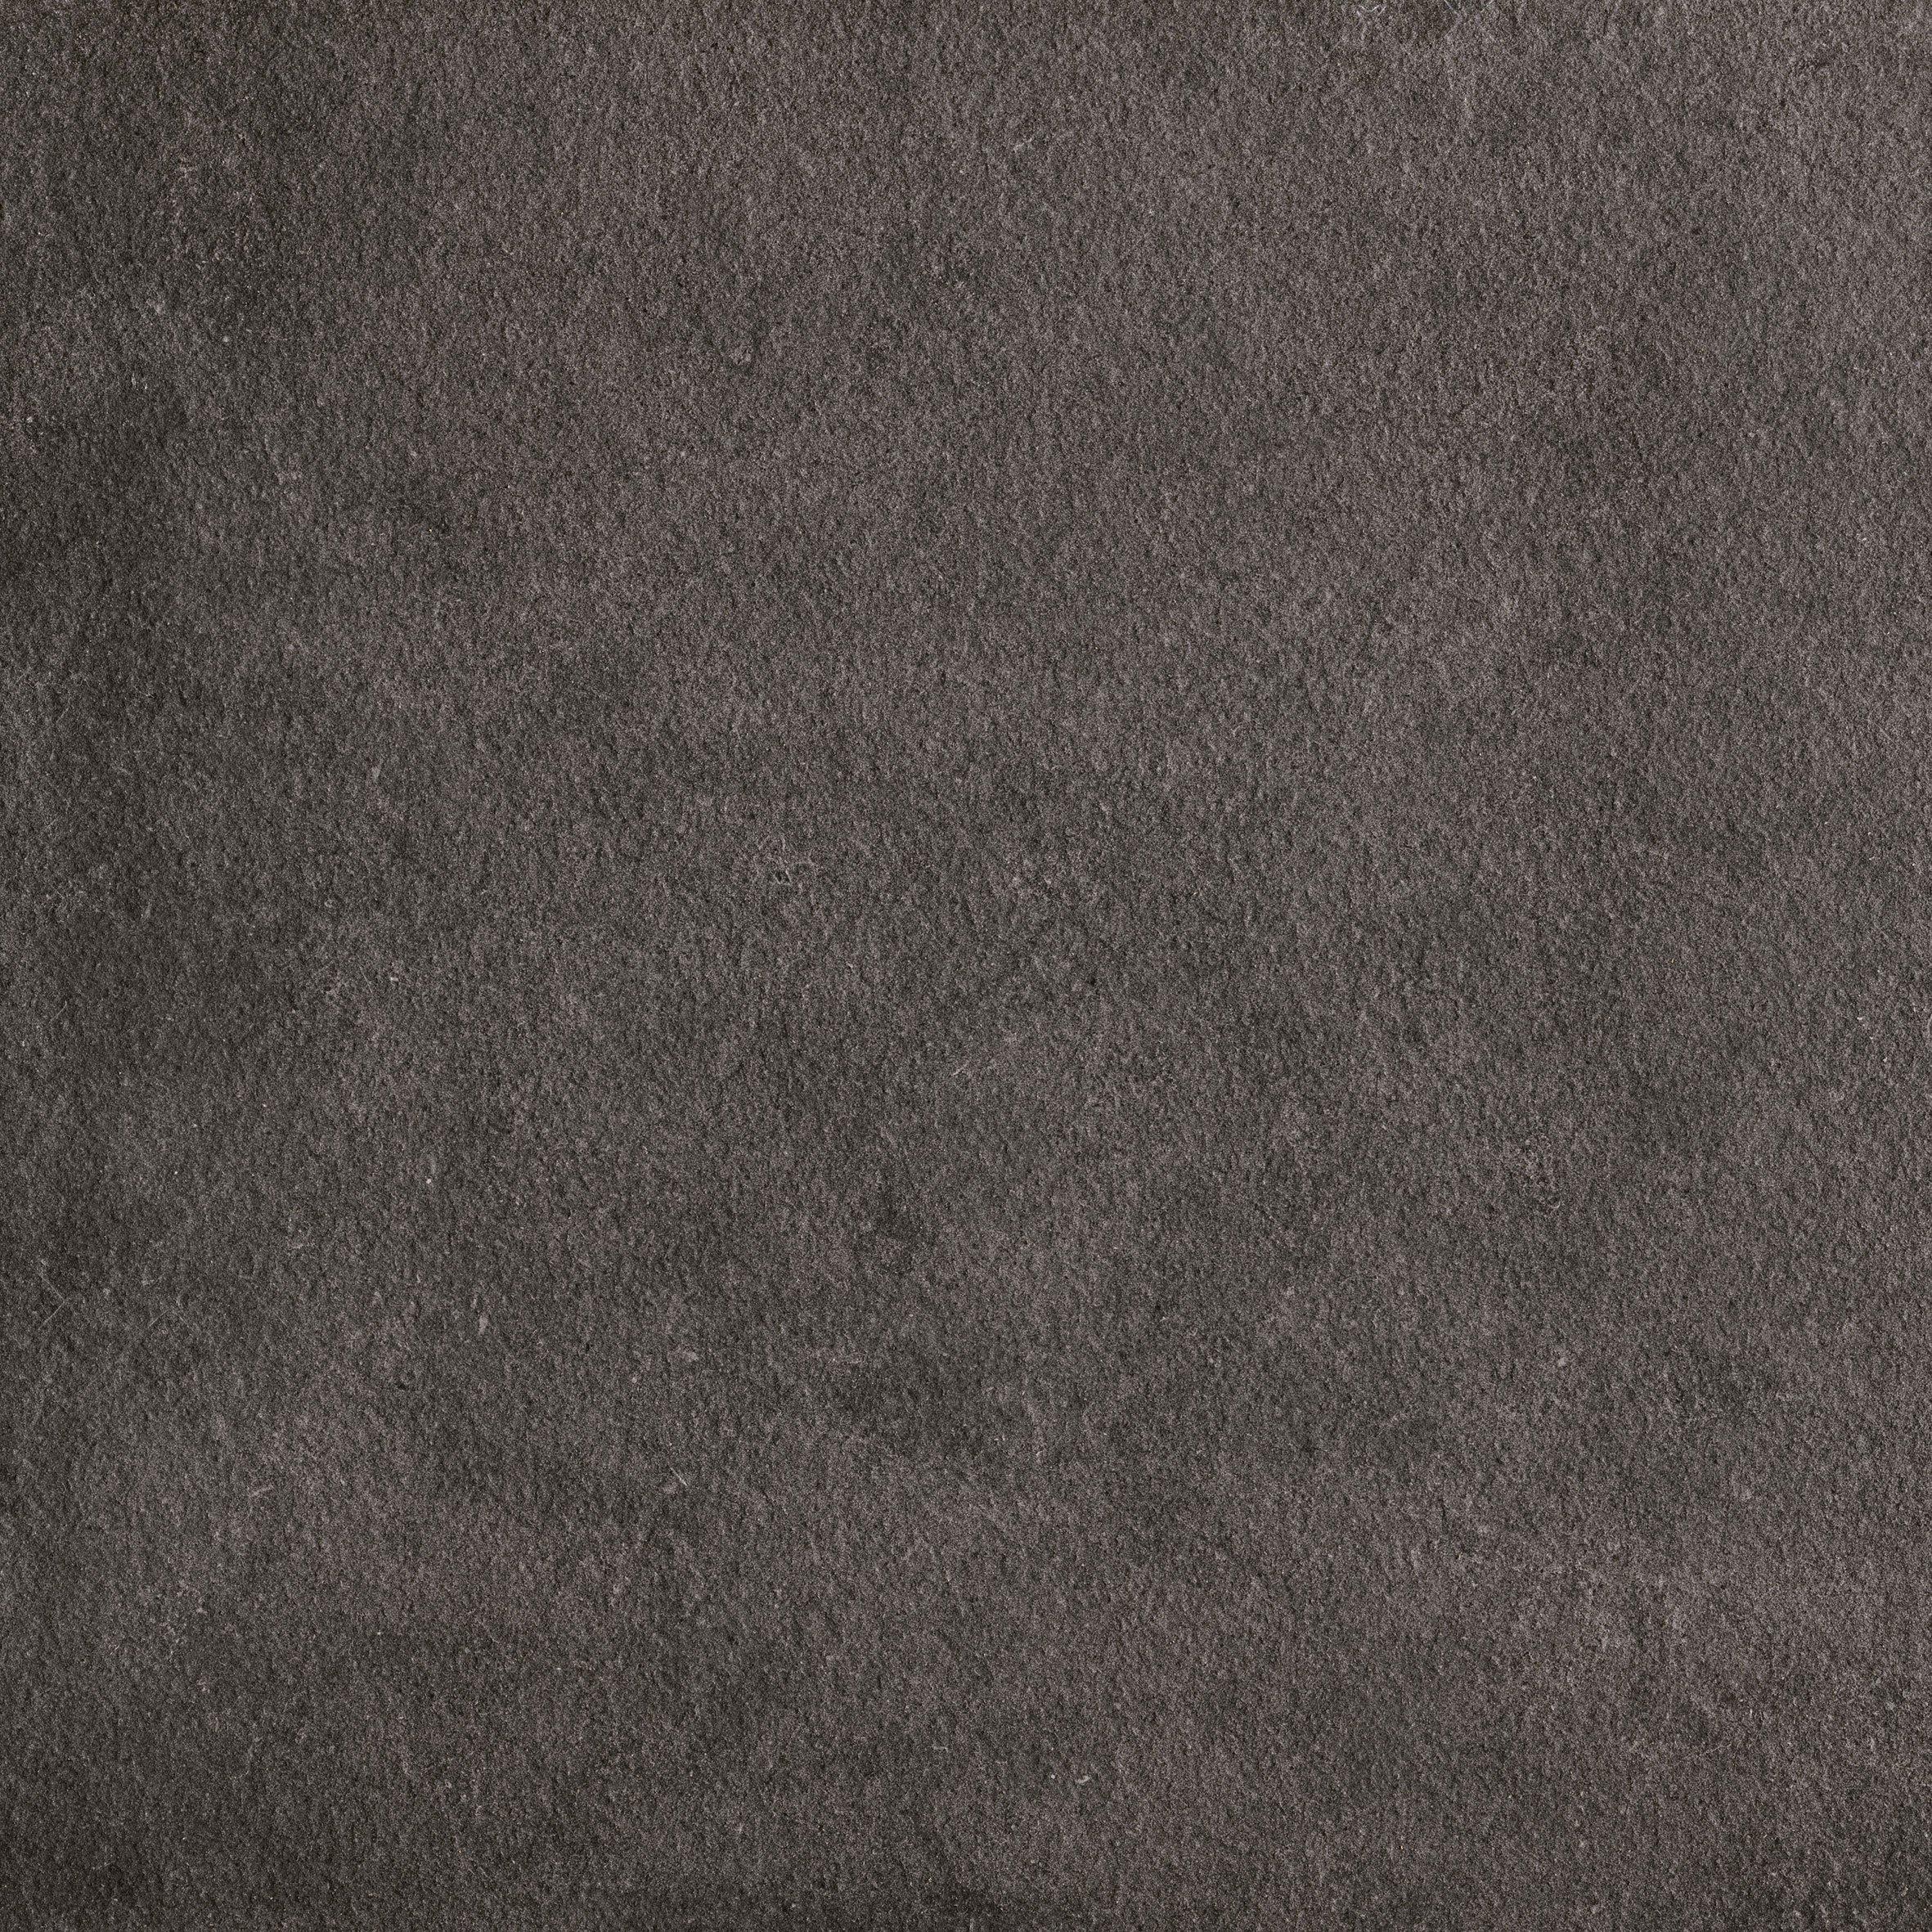 urban-black-textured-stone-effect-watch